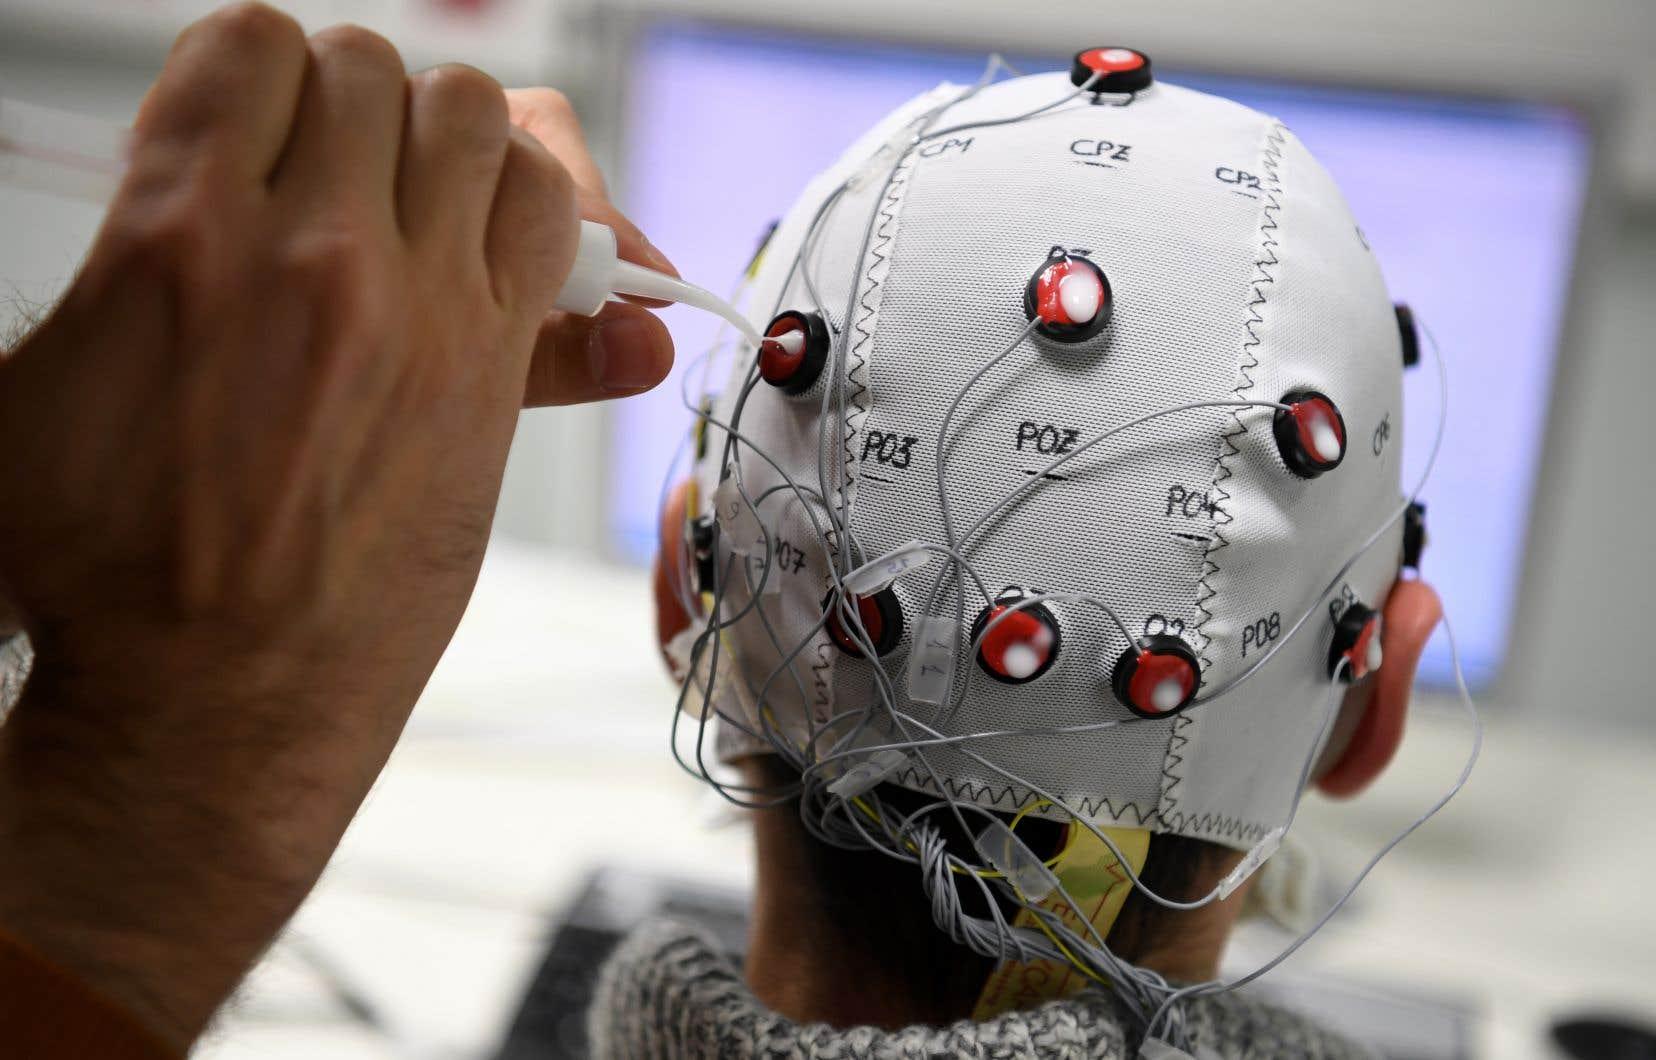 Depuis les années 1990, le fait d'introduire sous le crâne de minuscules électrodes, puis d'envoyer un courant d'une centaine de hertz, s'est avéré efficace contre les tremblements, la maladie de Parkinson et la dystonie.